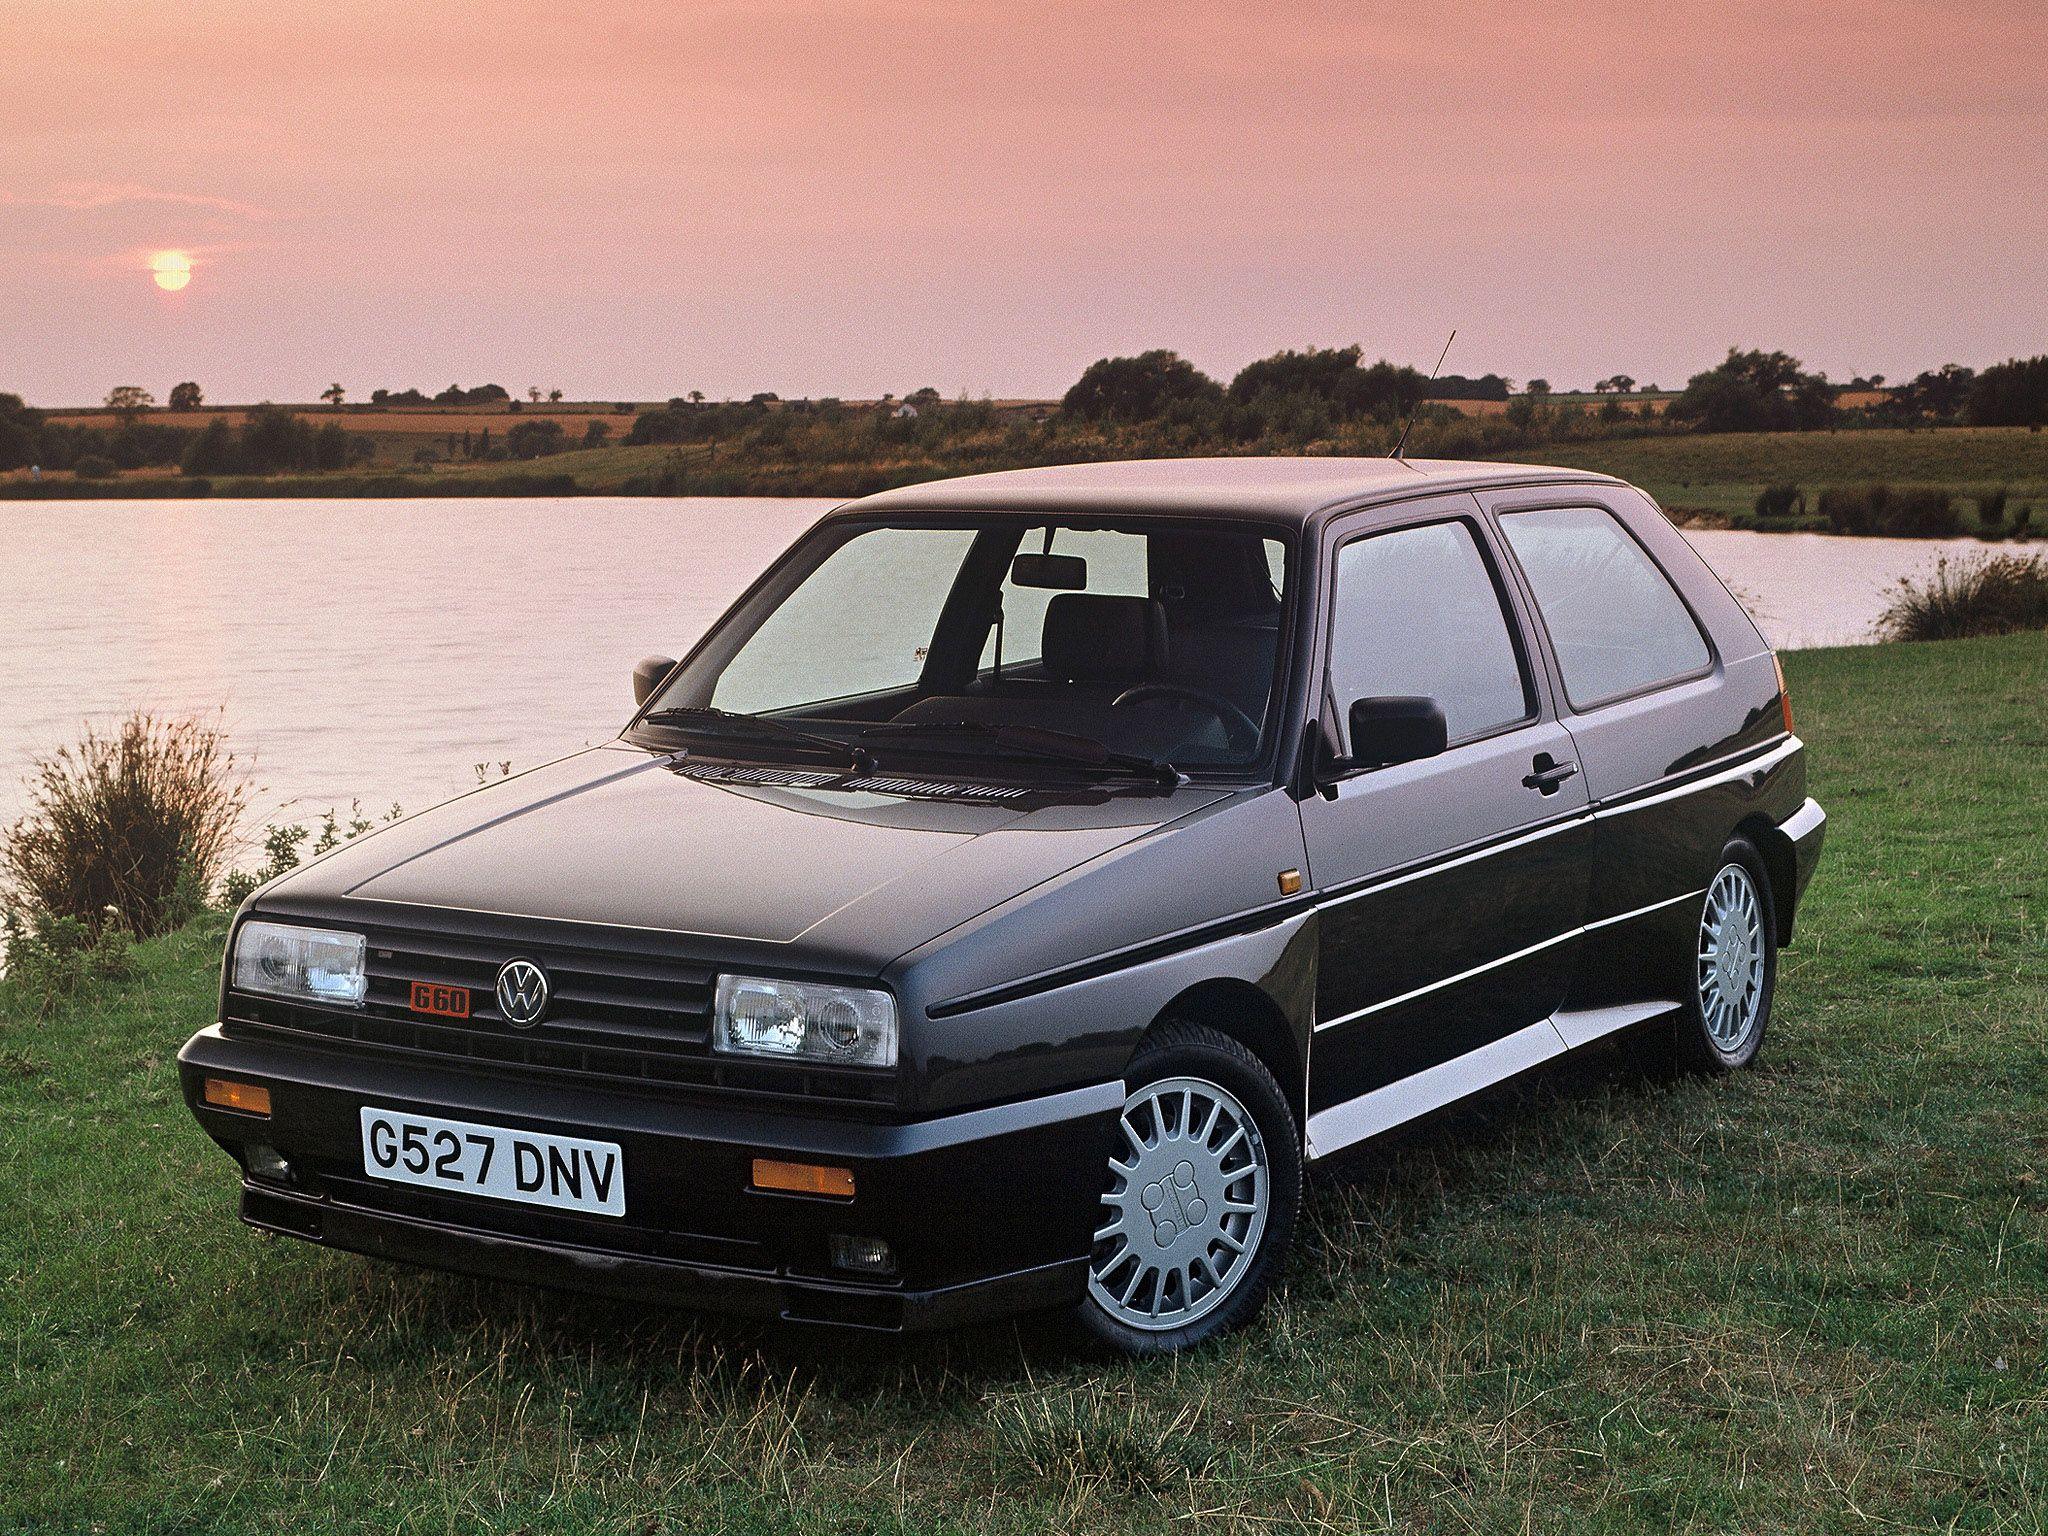 Volkswagen Golf Rallye G60 1989 Volkswagen Golf Mk1